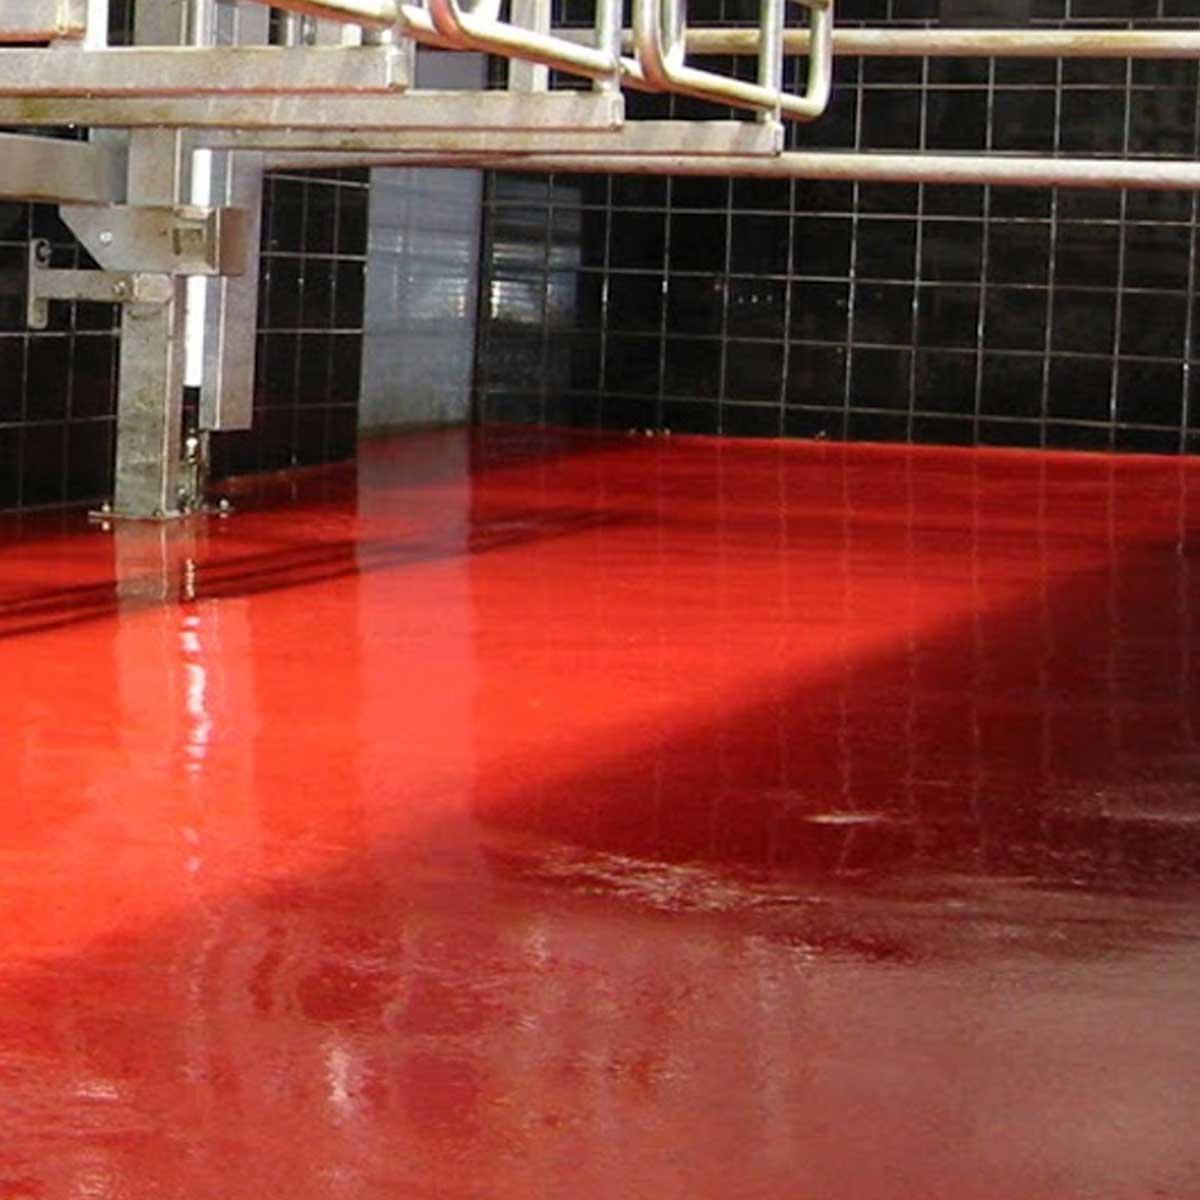 Goat farm coating